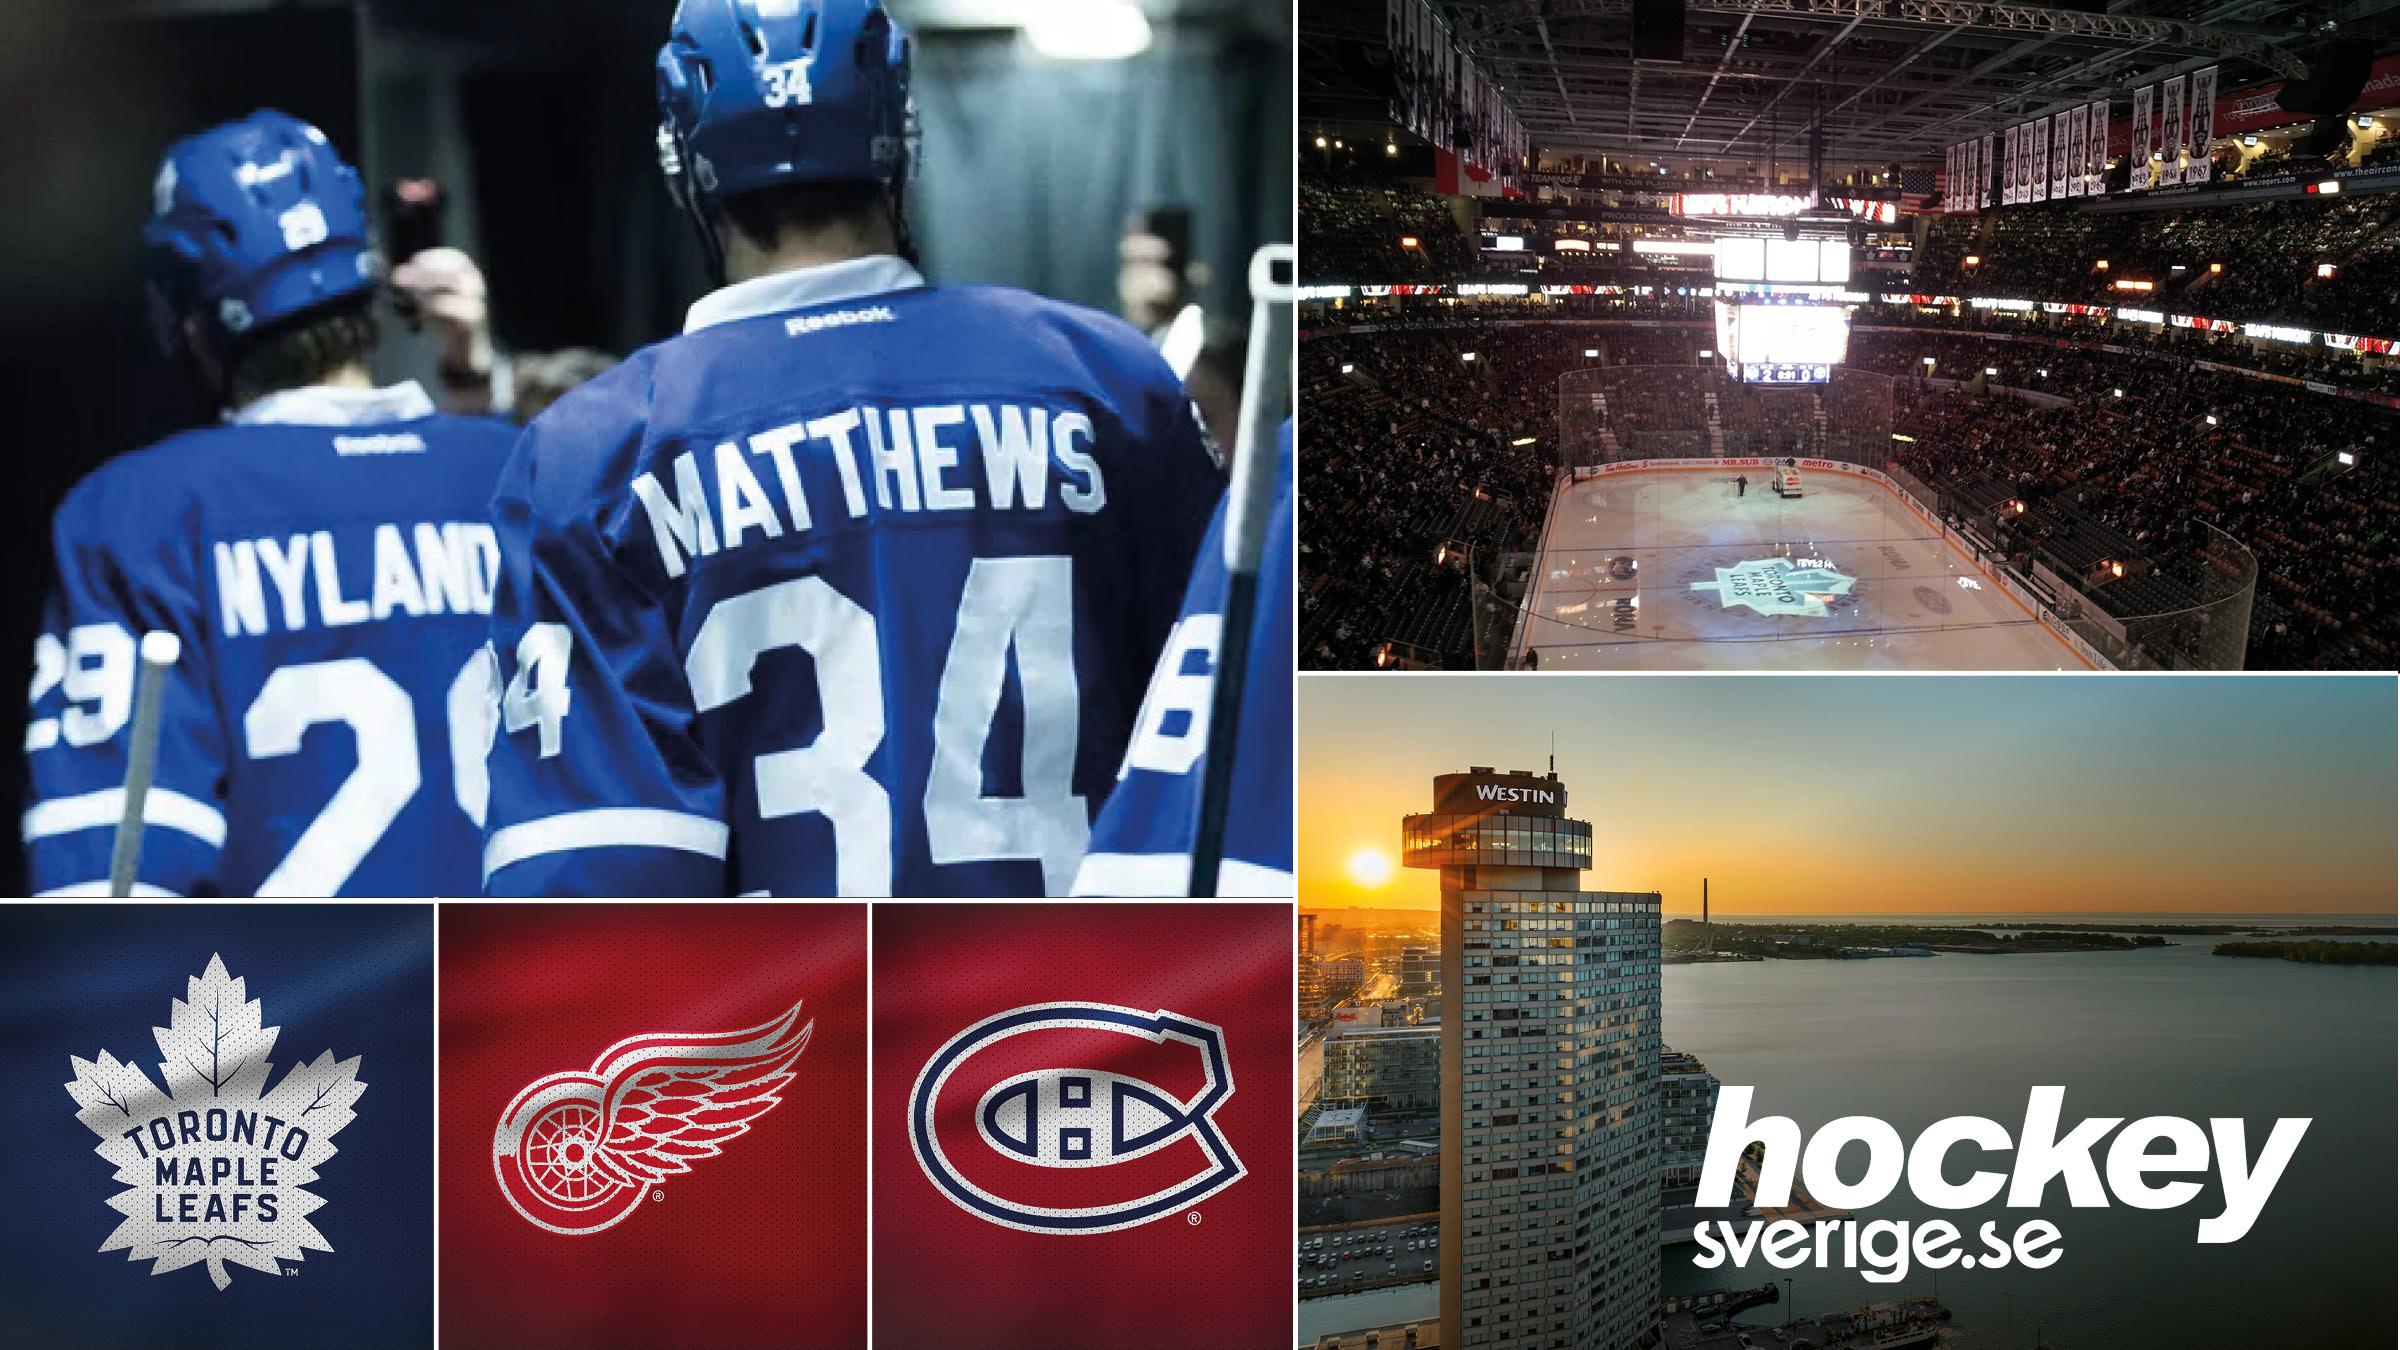 NHL-resa Torontomed Hockeysverige - 1 - 6 april 2020 | Magisk hockeyresa till Toronto med idel Original Six-klubbar. Toronto Maple Leafs mot Detroit Red Wings och rivalerna Montreal Canadiens. Dessutom ingår en heldagsutflykt till Niagarafallen med vinprovning samt besök i Hockey Hall of Fame.